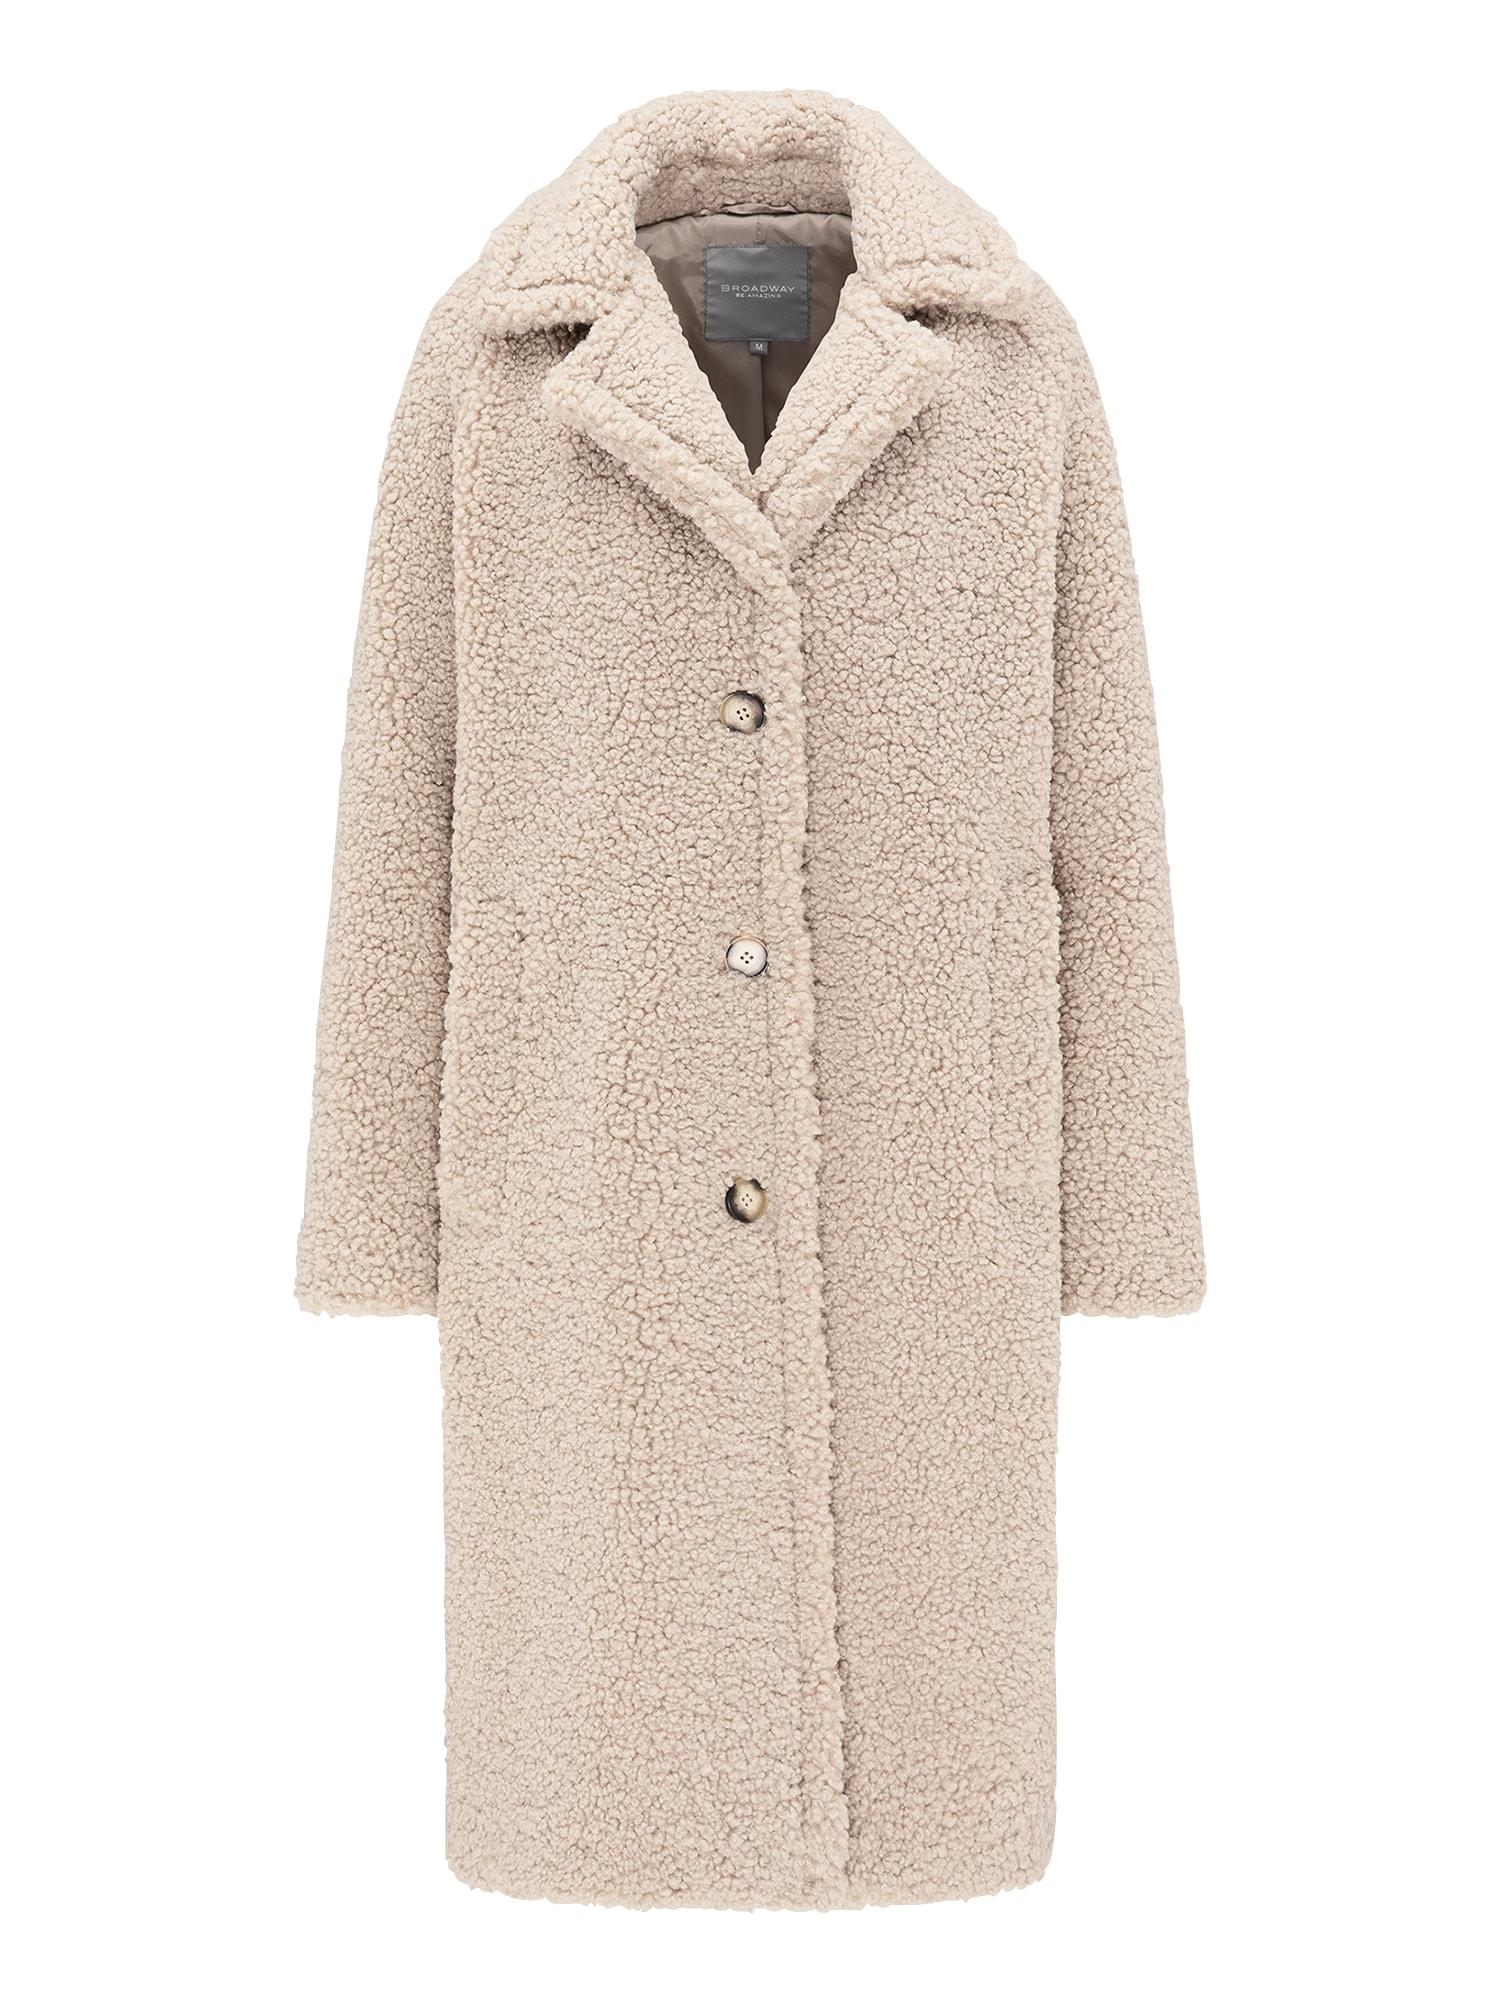 BROADWAY NYC FASHION Rudeninis-žieminis paltas 'TANA' smėlio